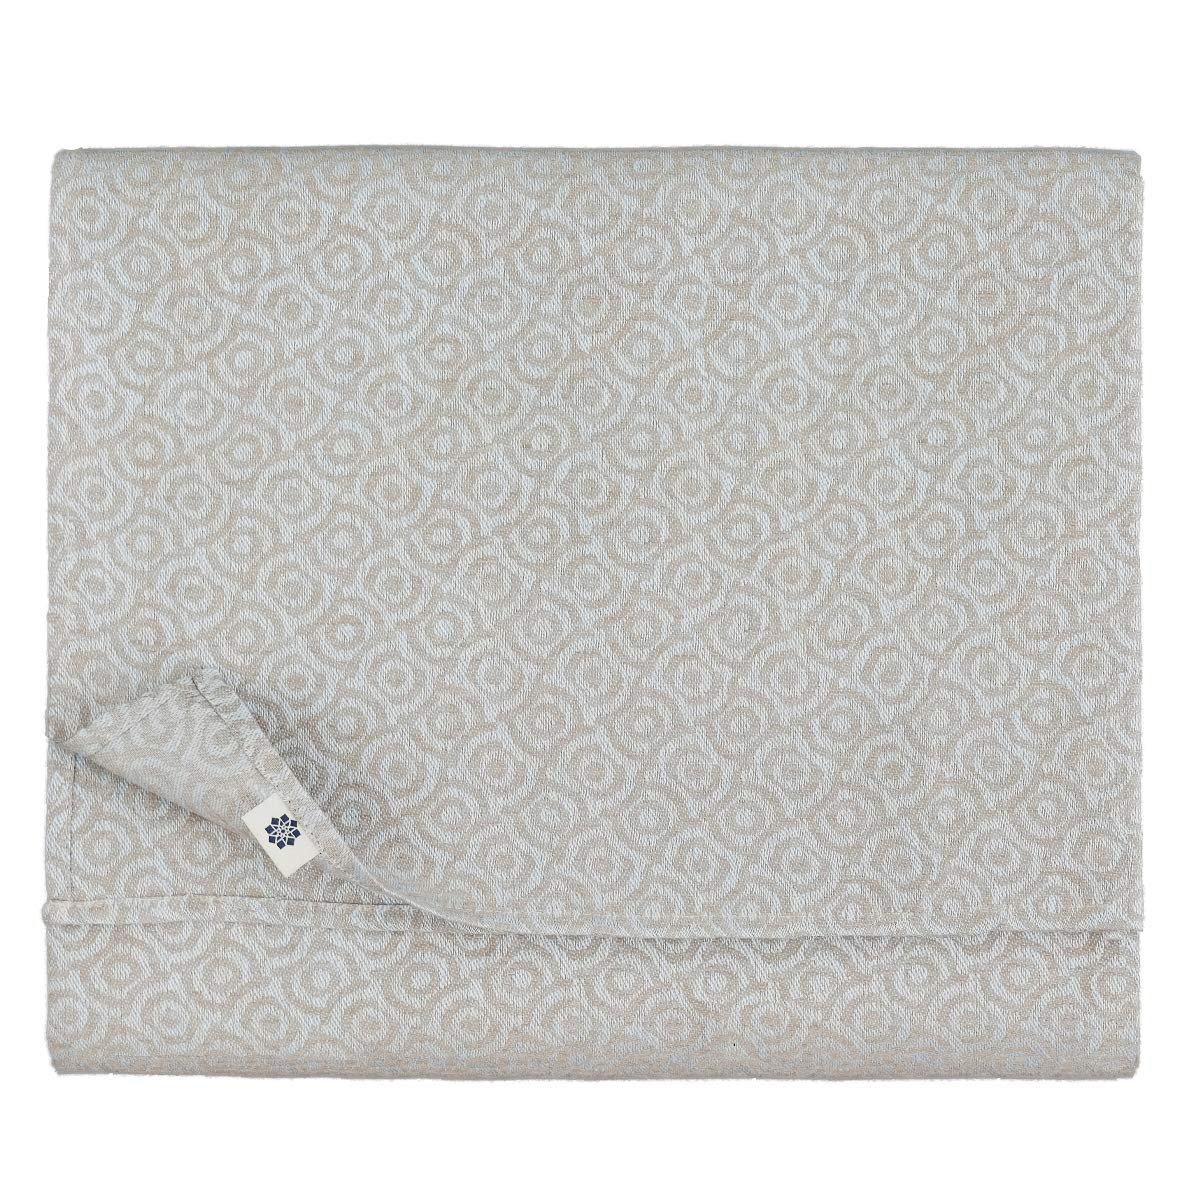 Linen & Cotton Luxus Damast Tischdecke Cervo - 100% Leinen (147 x 250 cm, Ornamente) Hellblau Natur